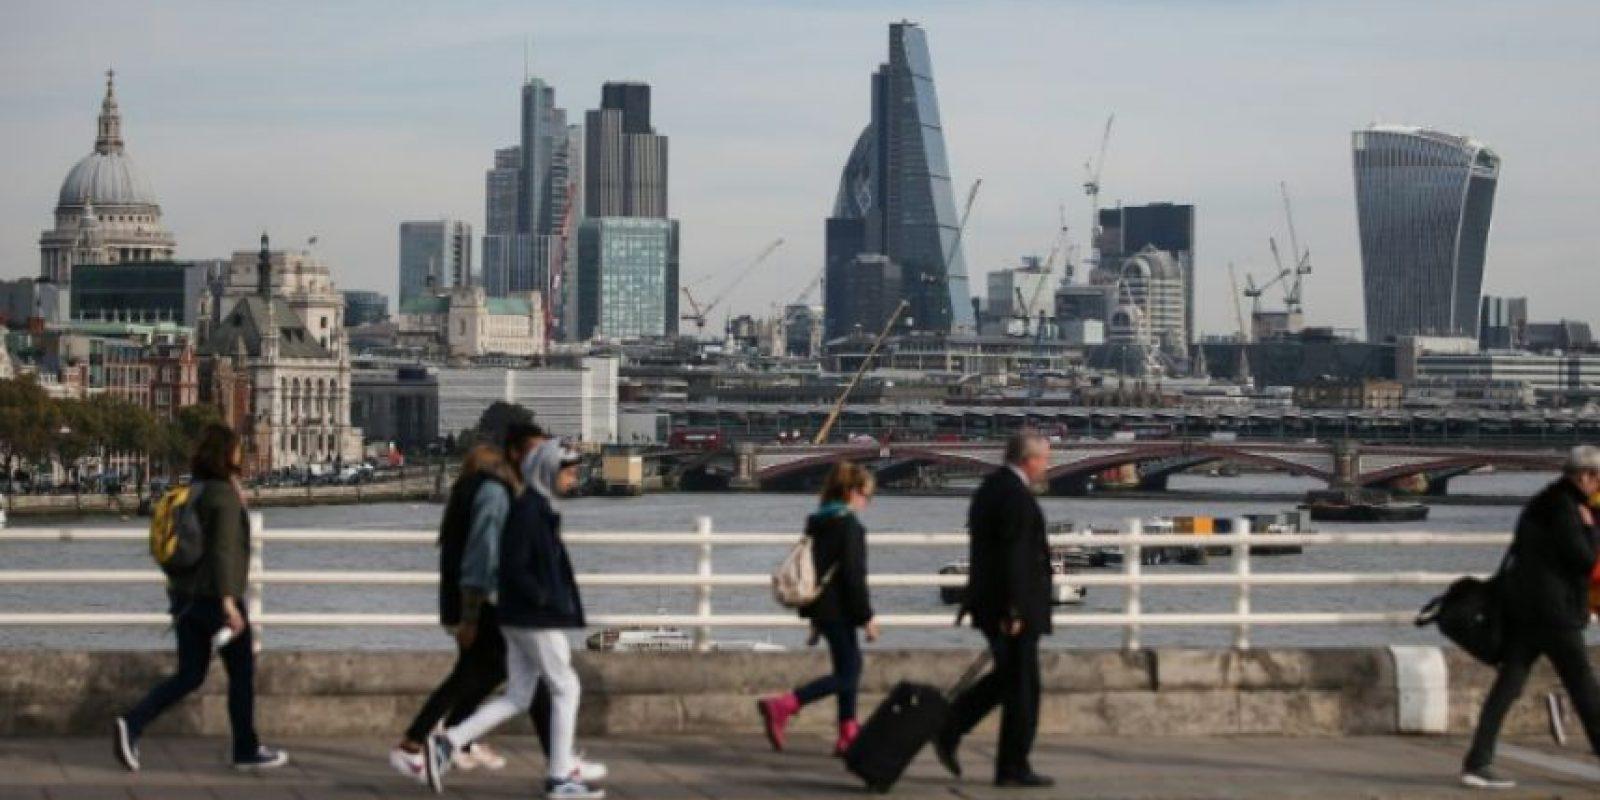 Transeúntes cruzan el puente de Waterloo, en Londres, el 27 de octubre de 2016 Foto:Daniel Leal-Olivas/afp.com